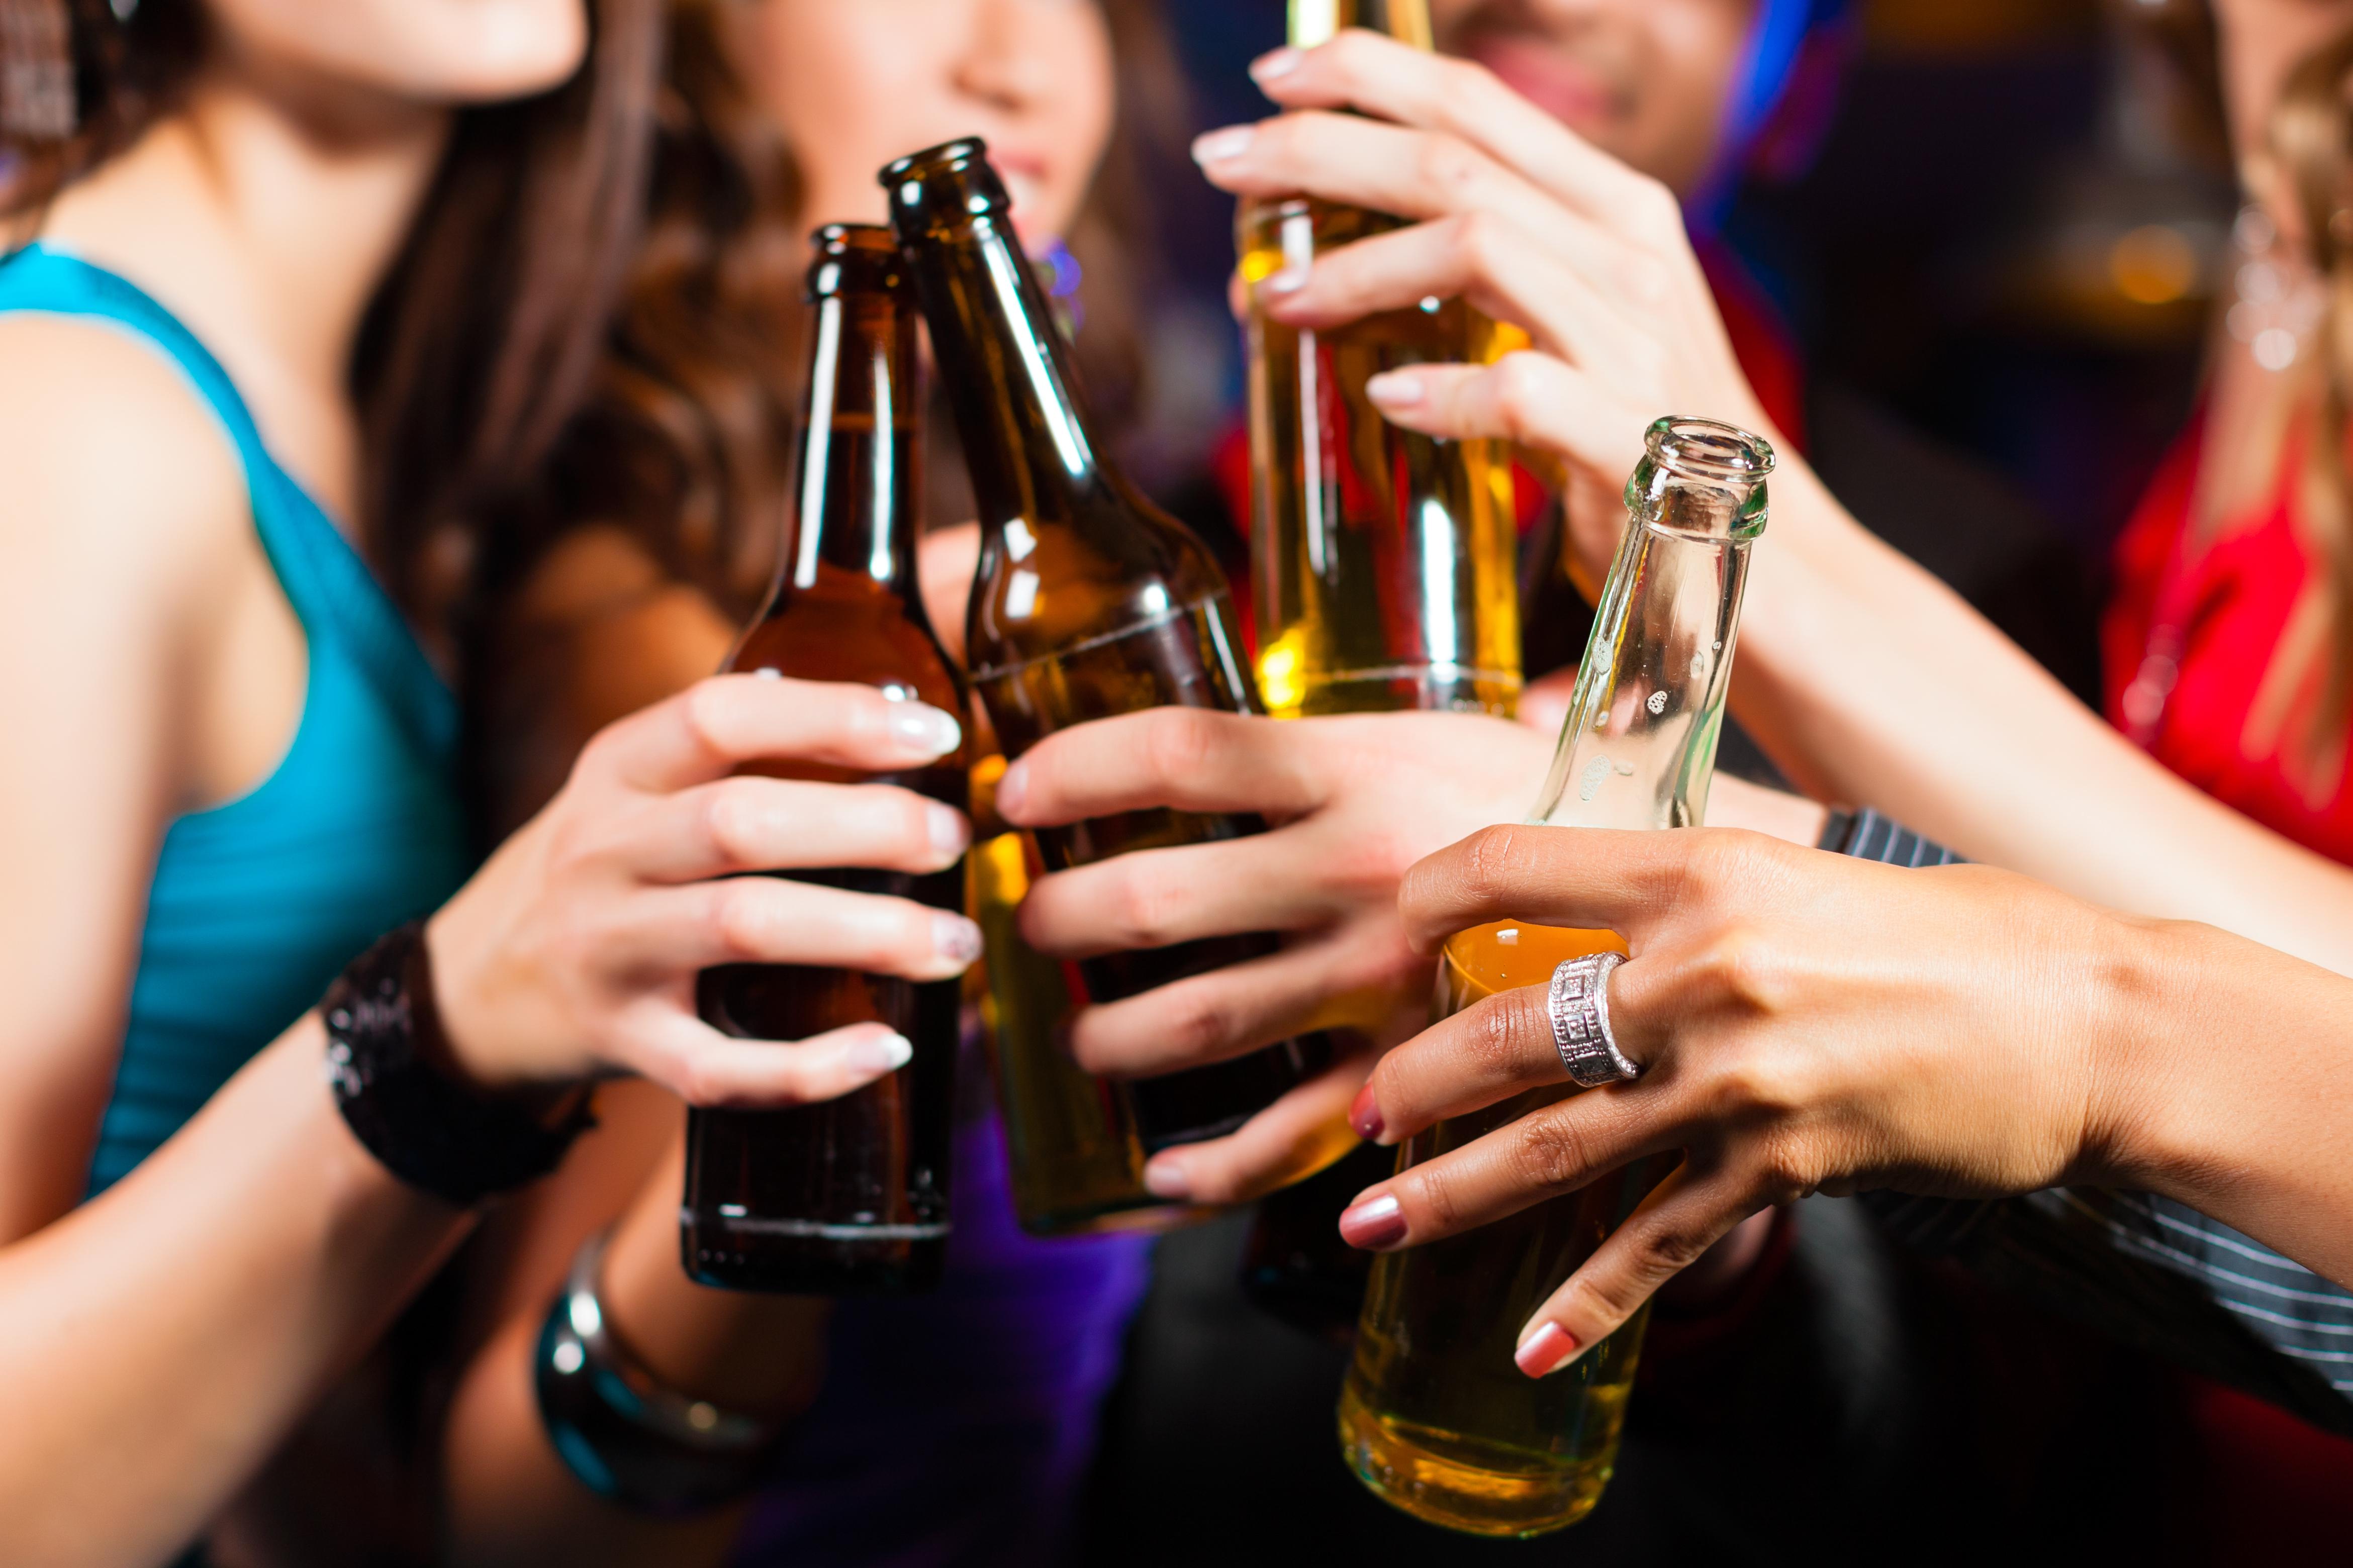 Ученые выяснили, кому лучше не употреблять алкоголь